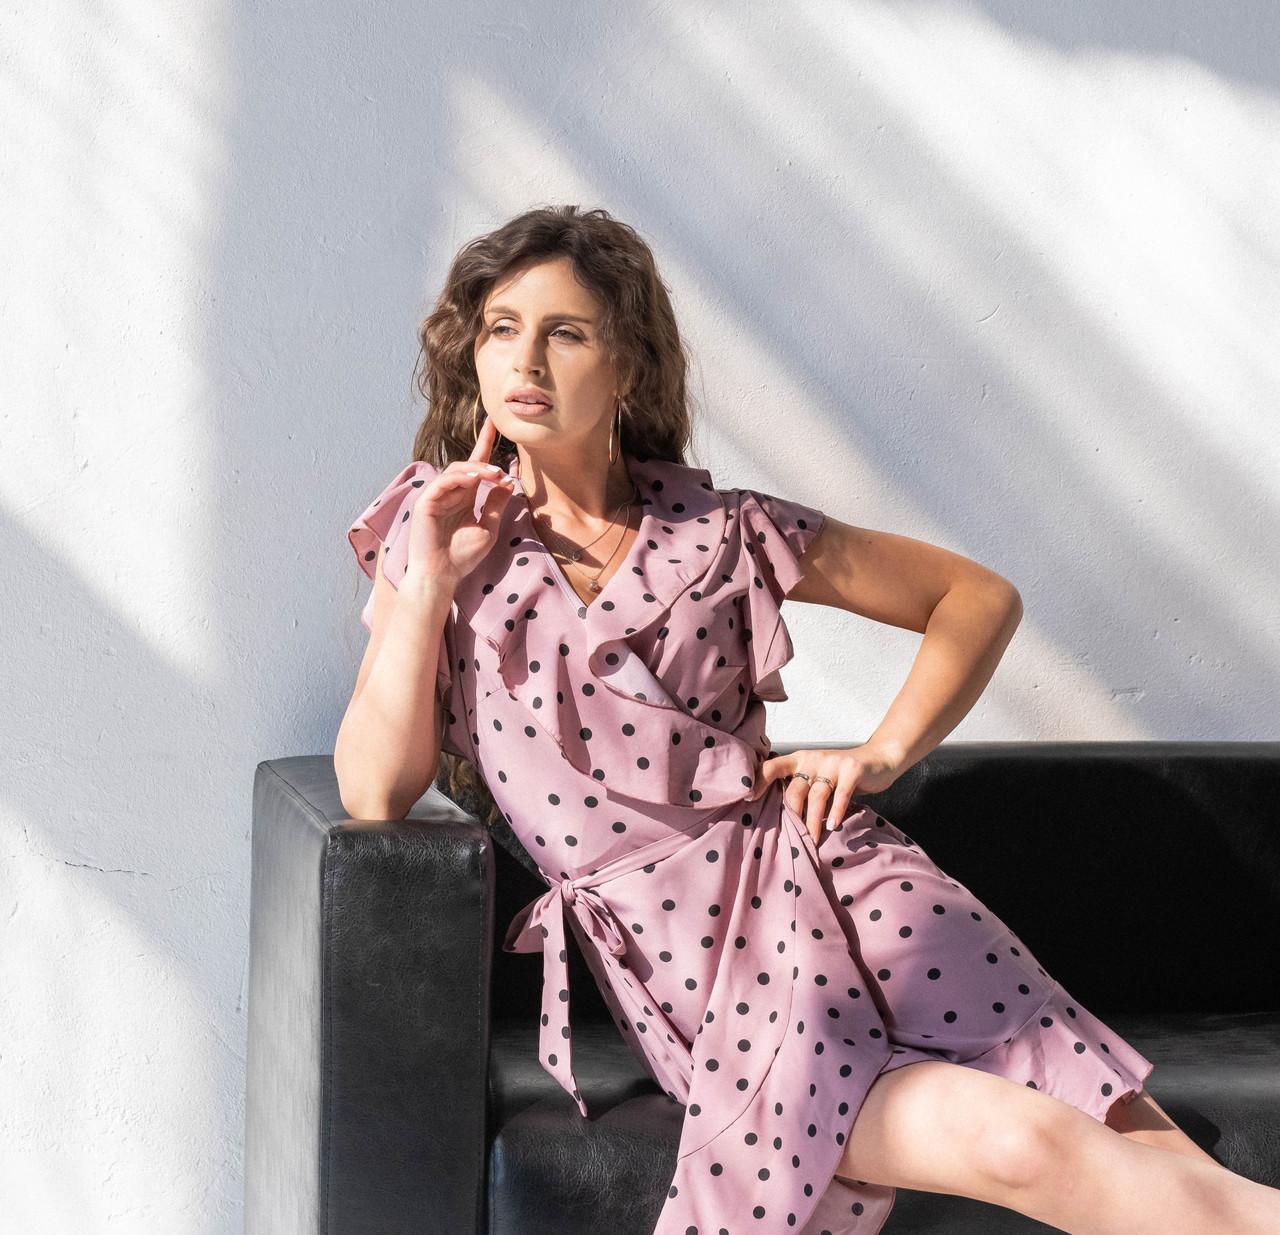 Жіноча сукня в горошок з рюшами темна пудра